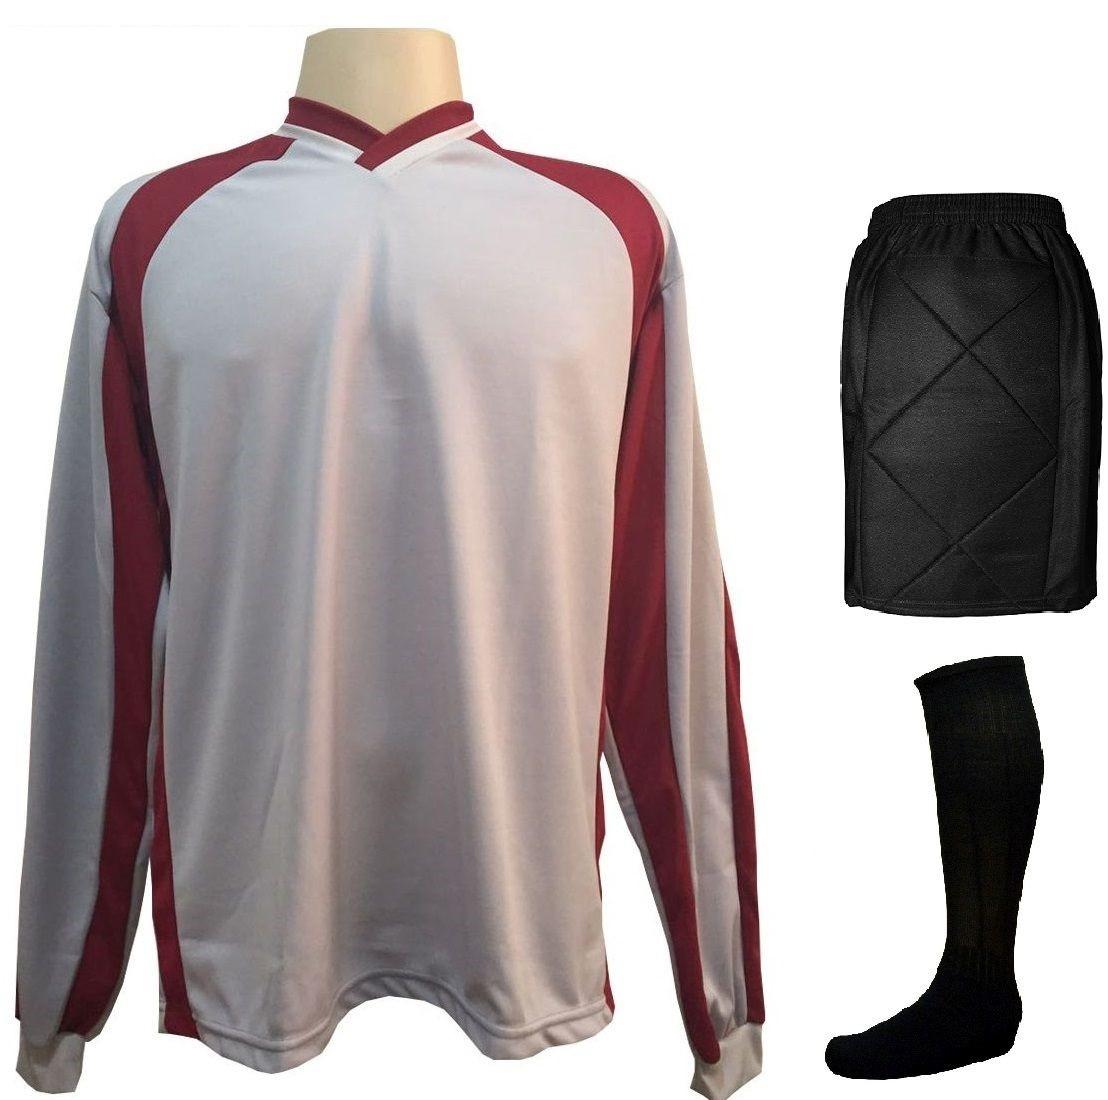 Fardamento Completo Modelo Columbus 18+1 (18 Camisas Royal/Branco + 18 Calções Madrid Branco + 18 Pares de Meiões Brancos + 1 Conjunto de Goleiro) + Brindes